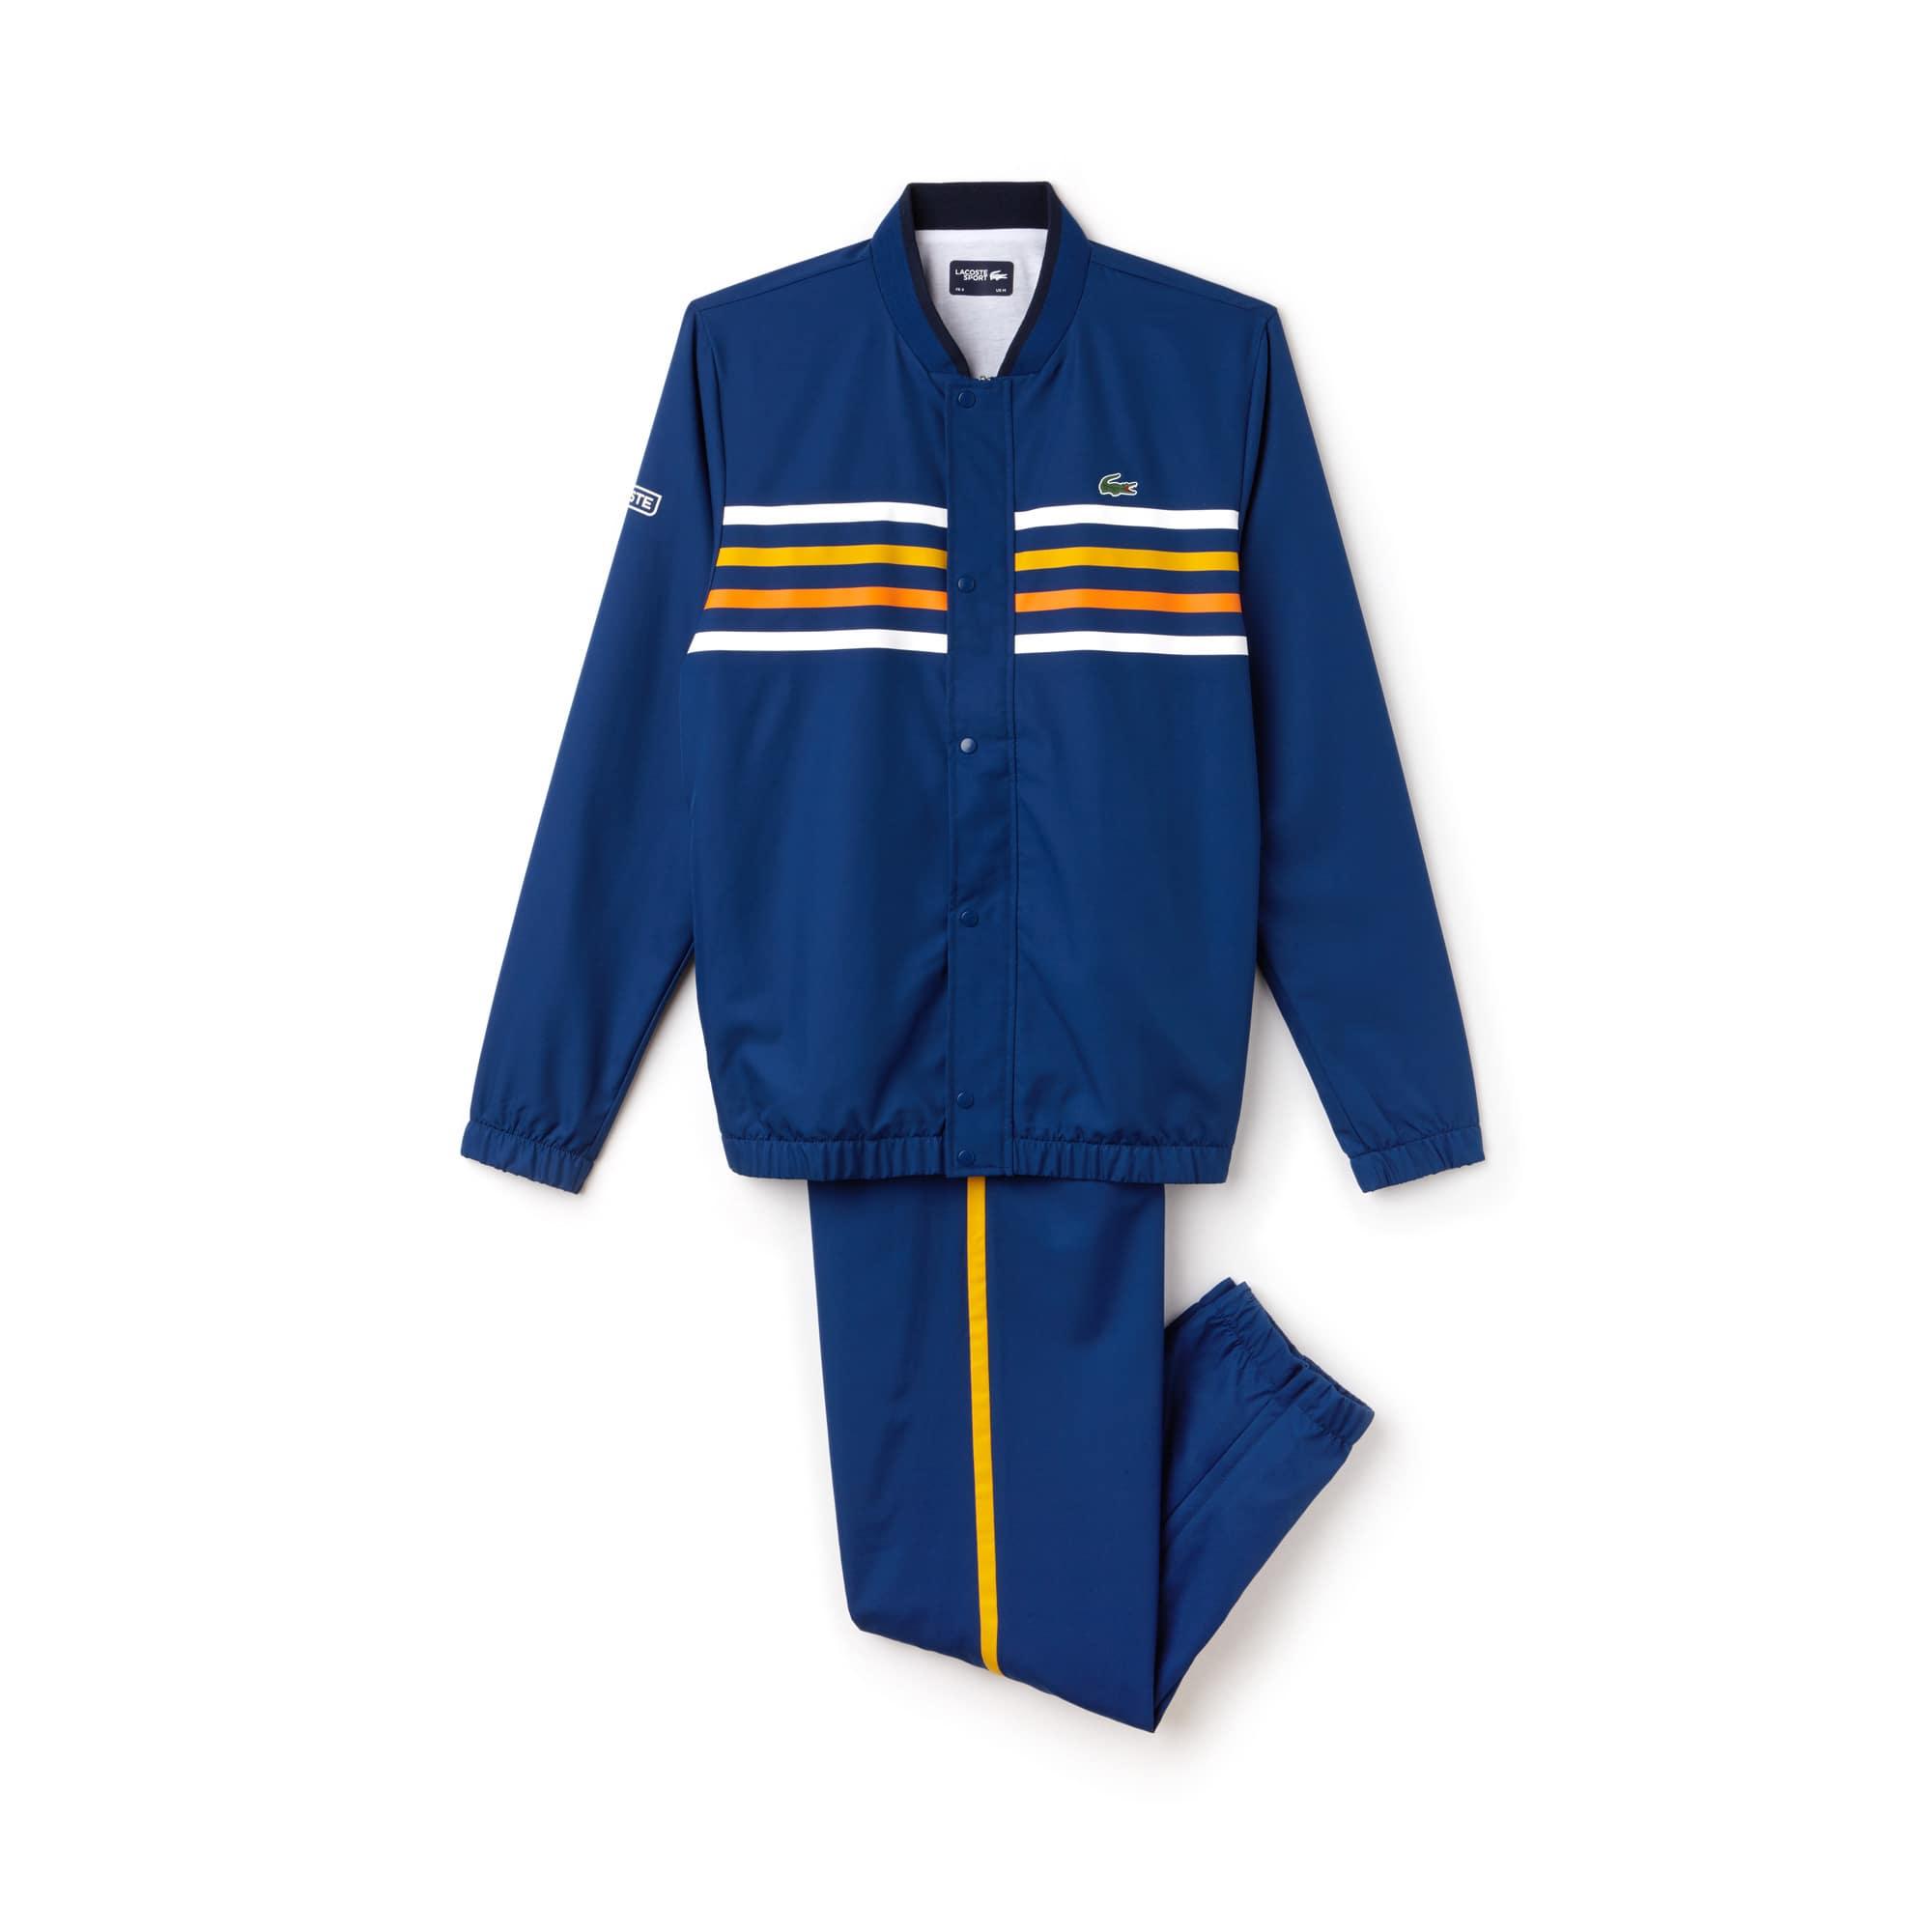 라코스테 스포츠 트랙 수트 Lacoste Mens SPORT Colored Bands Tennis Tracksuit,navy/white-buttercup-apri